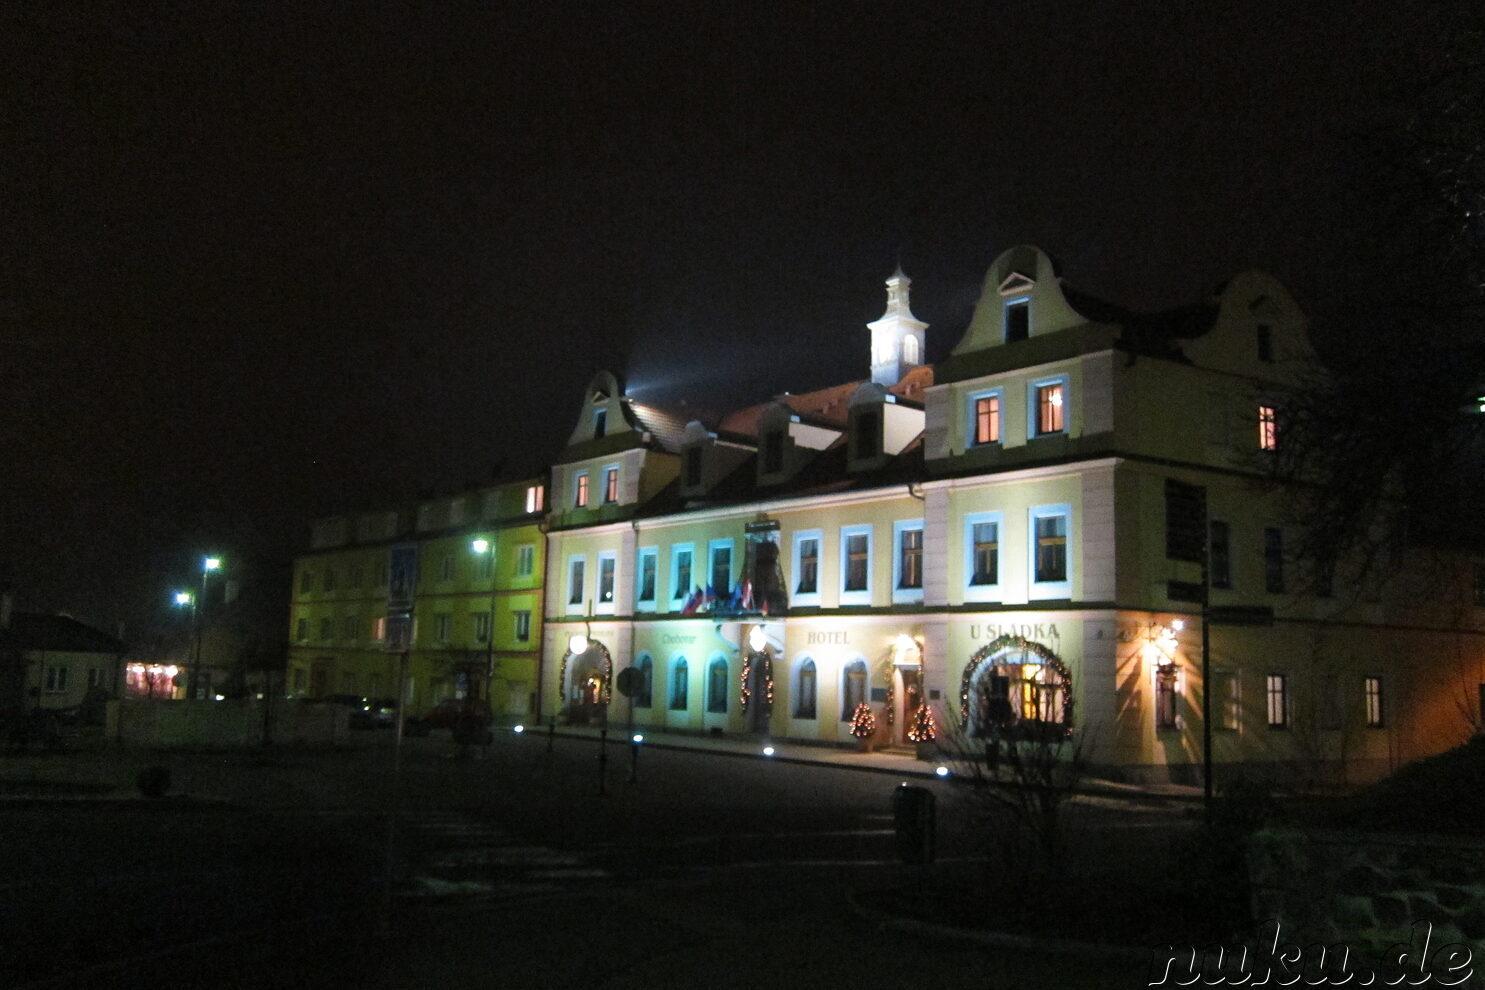 Chodova Plana Tschechien Reiseberichte Fotos Bilder Tagebuch Urlaub In Kuttenplan